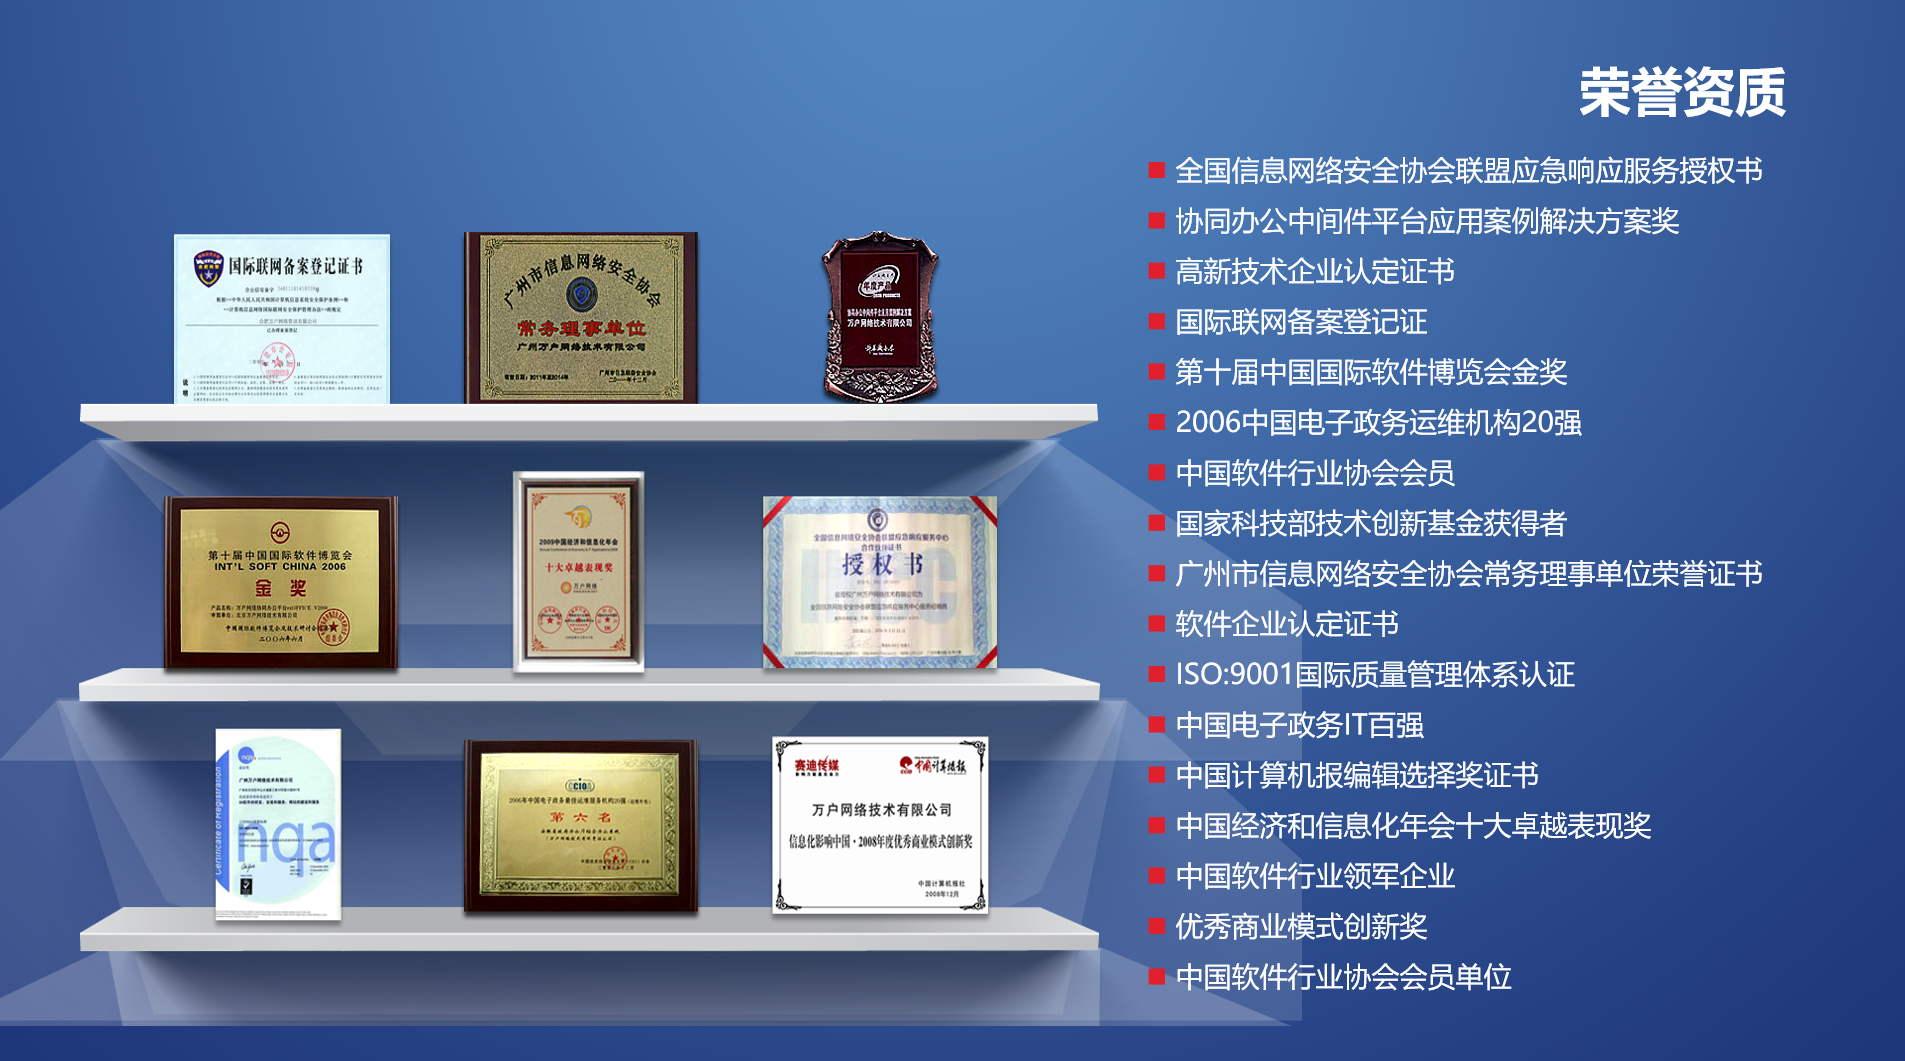 微信营销腾讯广告投放百度百科门户网站营销推广品牌策划网络推广